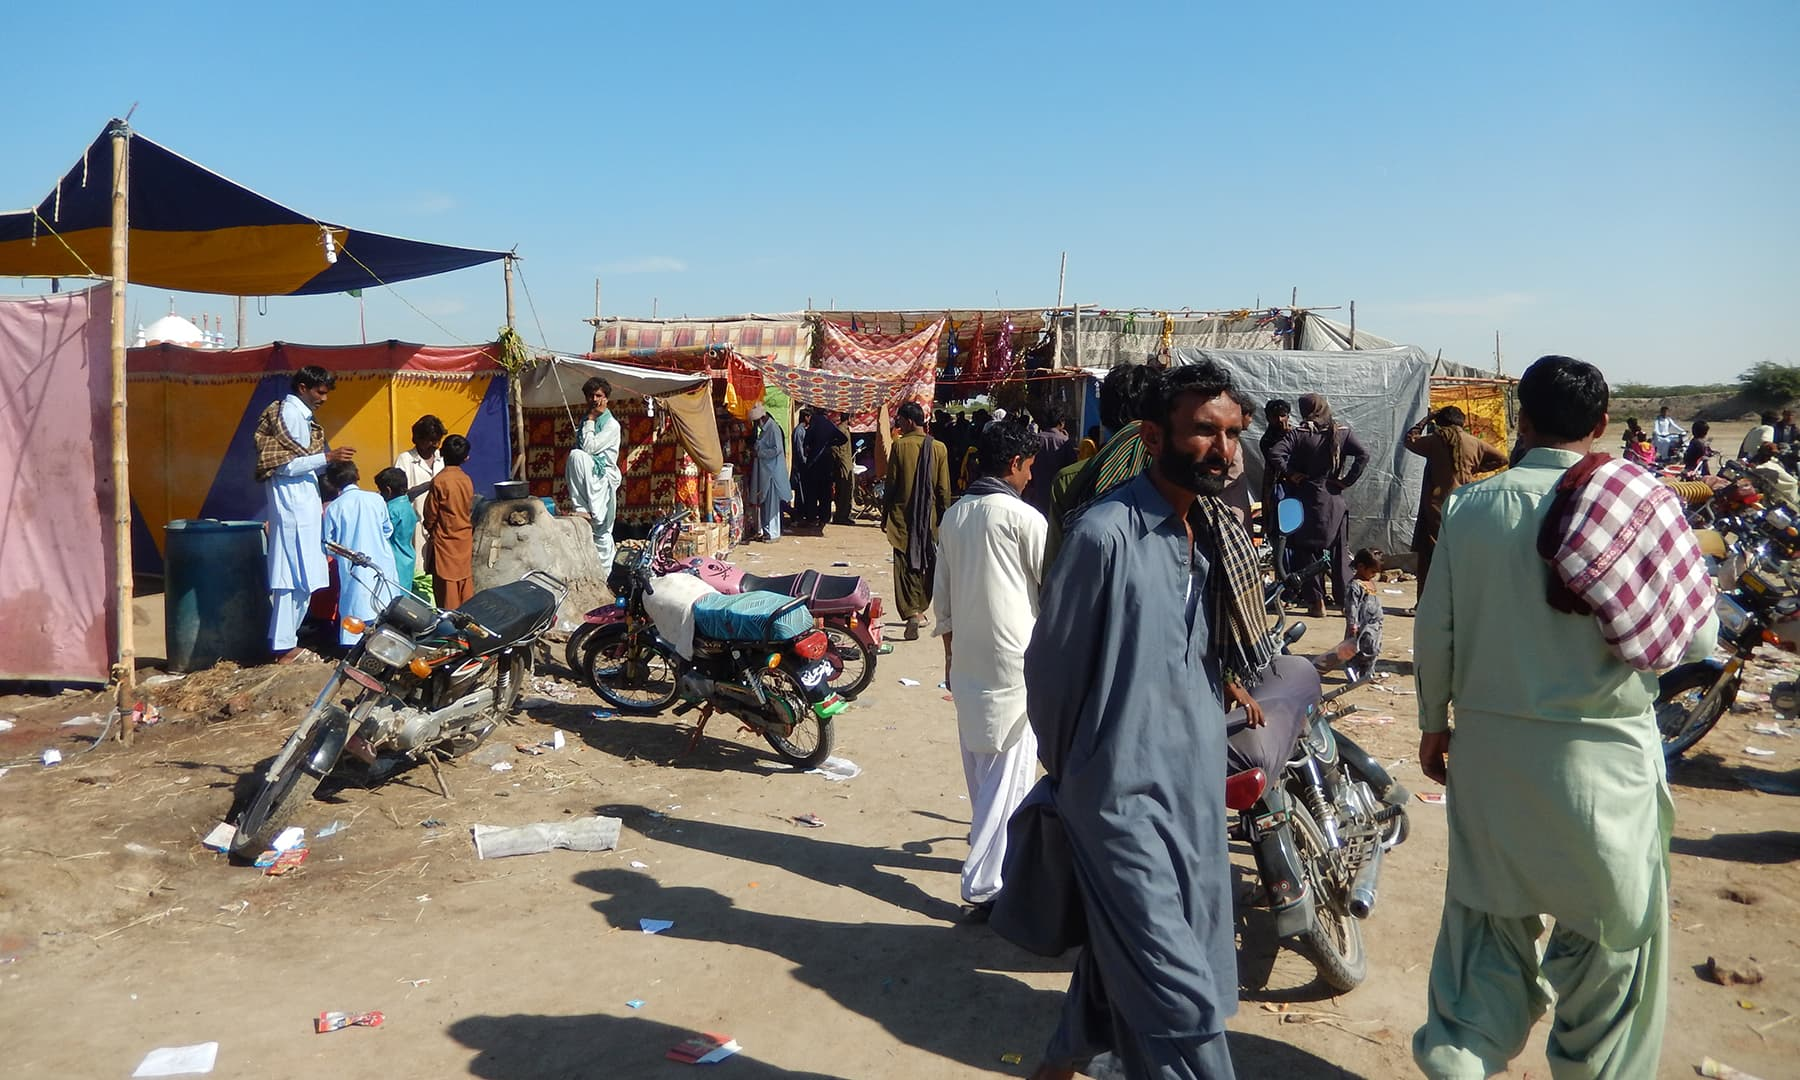 میلے کے چند دن گاؤں کے باسیوں کے لیے تفریح فراہم کرتے ہیں—تصویر ابوبکر شیخ